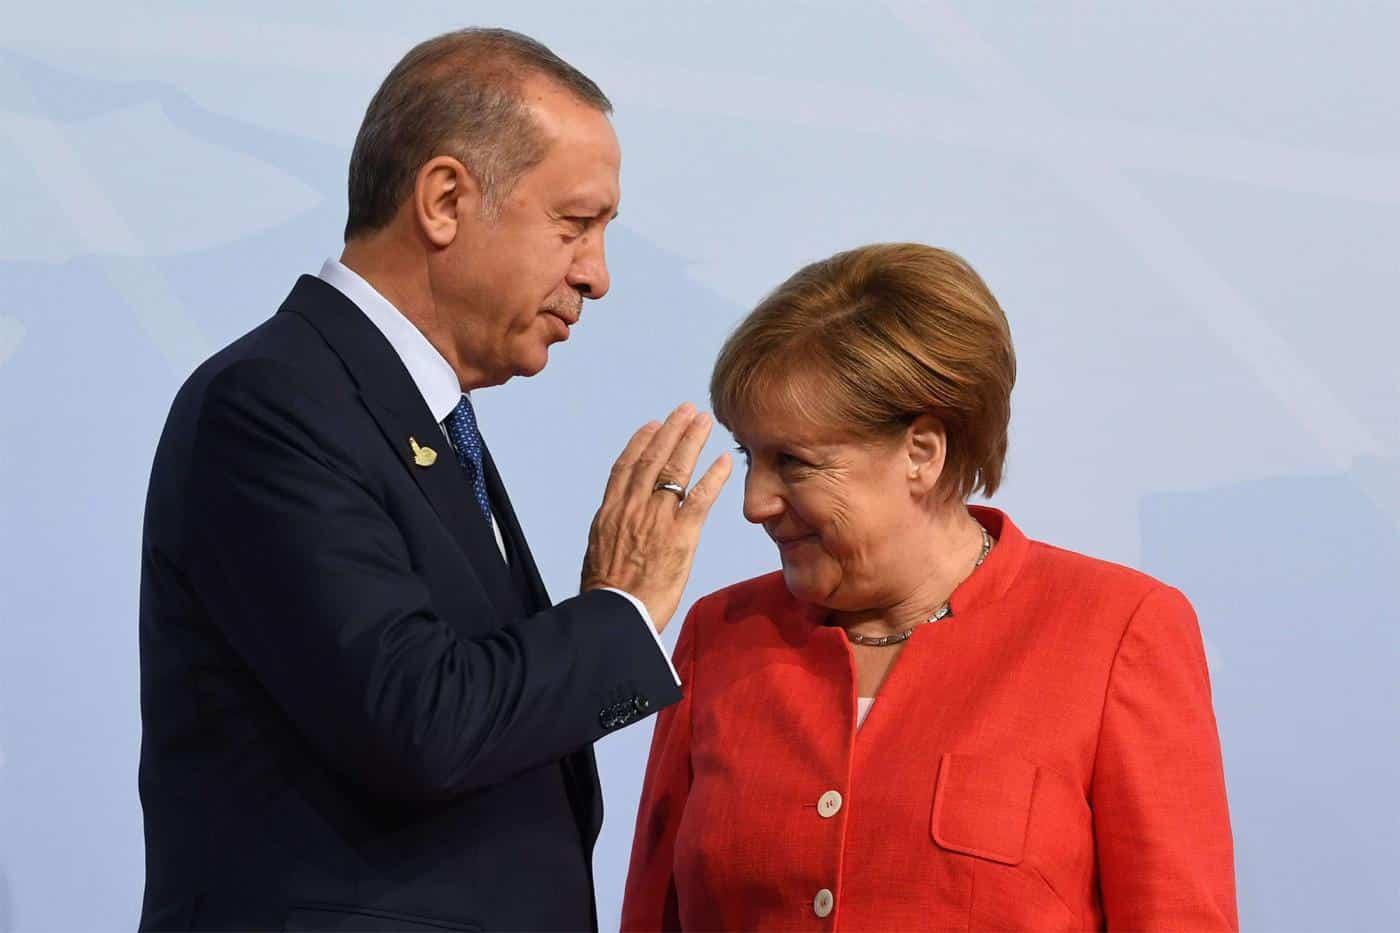 Οι διερευνητικές Ελλάδας - Τουρκίας και η Πενταμερής για το Κυπριακό: Σχέδιο Γερμανών και Βρετανών για διάσωση της Τουρκίας Θα συνεχίσει η Γερμανία να εμποδίζει τις κυρώσεις στην Τουρκία;